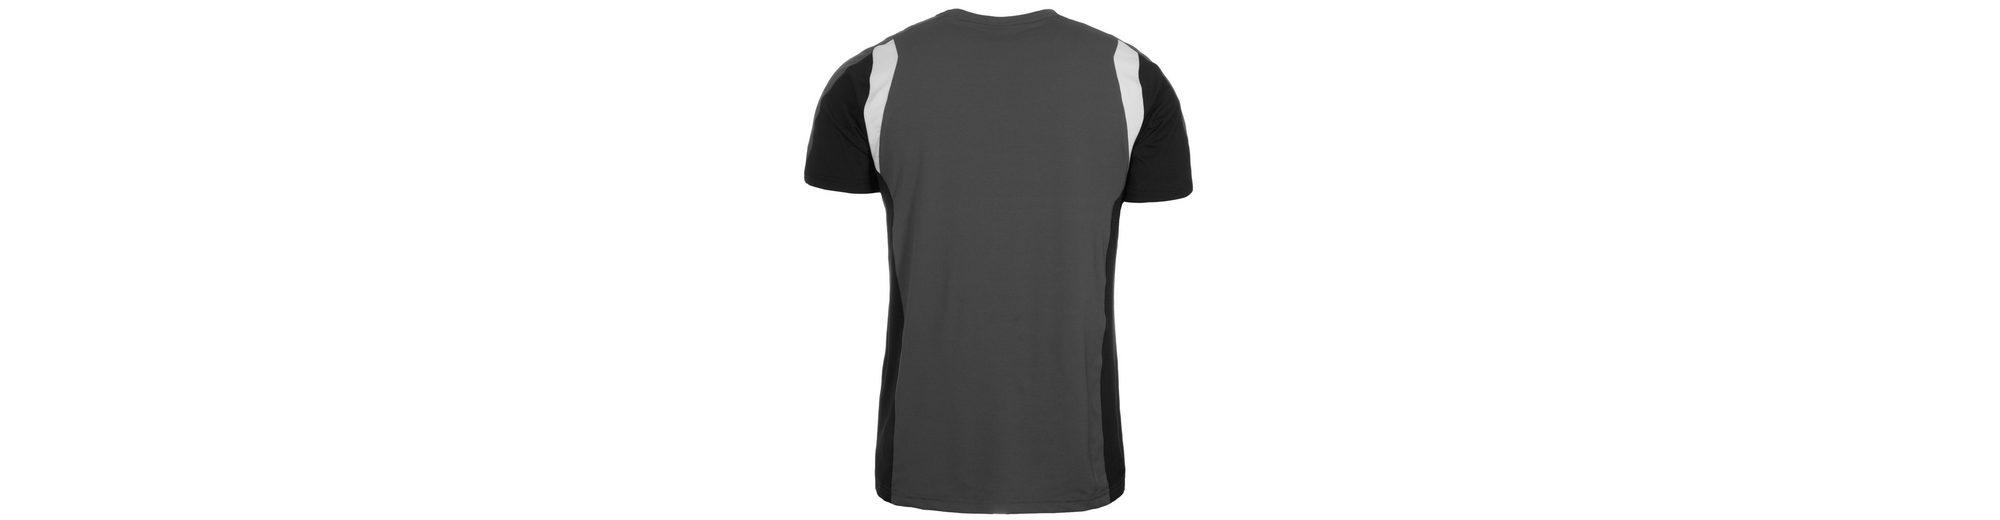 ERIMA Premium One T-Shirt Herren 2018 Online 2018 Günstiger Preis Perfekt Mit Paypal Zu Verkaufen Anzuzeigen Günstigen Preis evmVXCyU